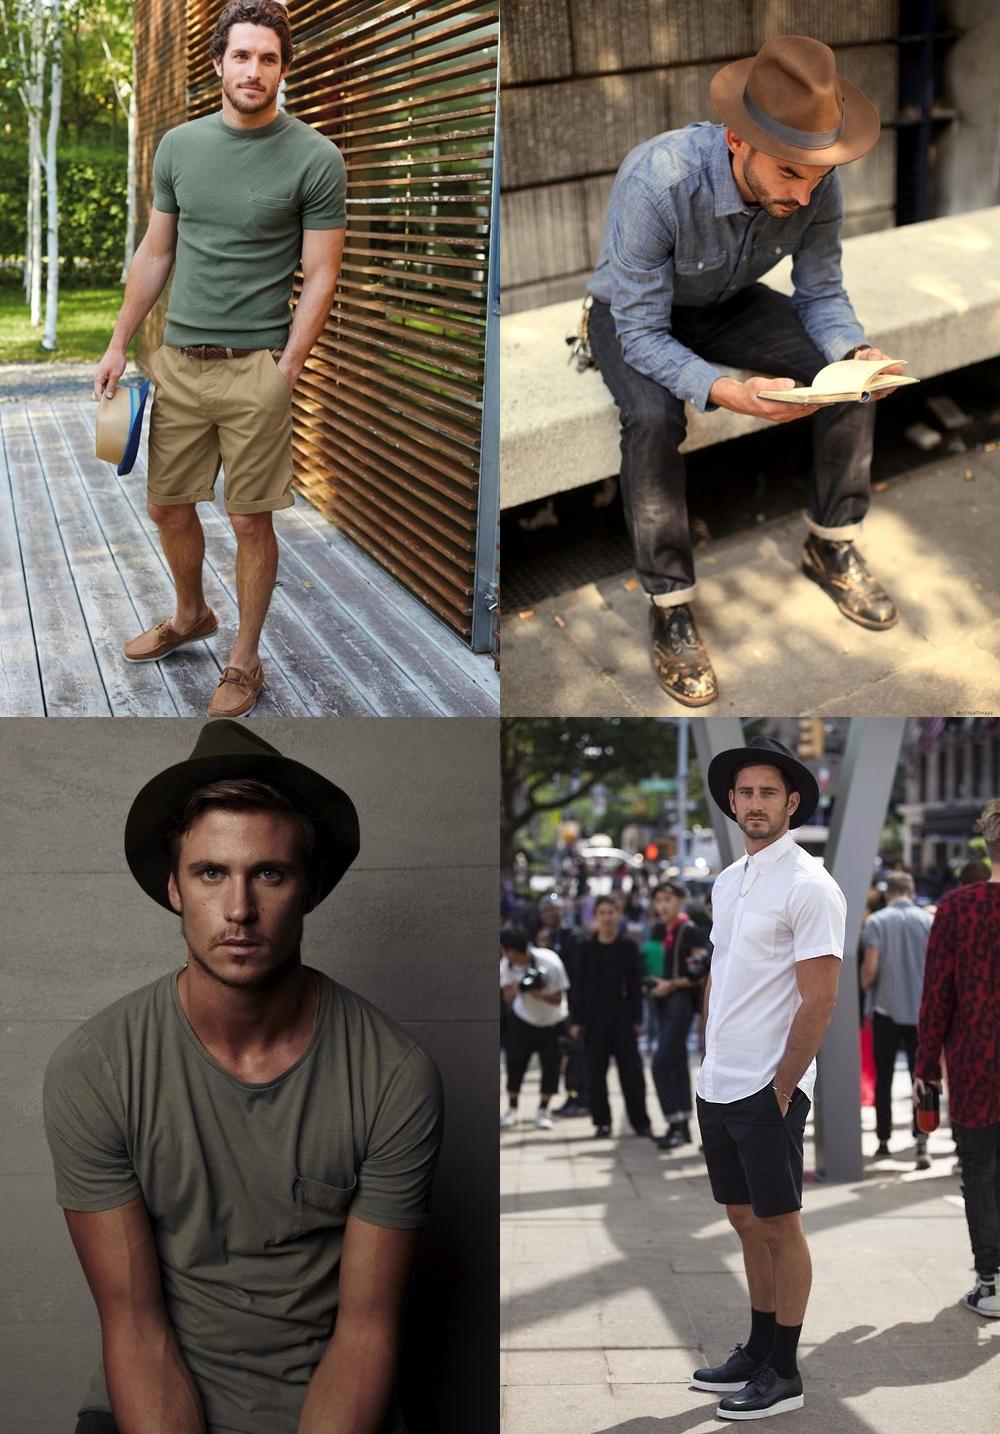 chapéus masculino, moda sem censura, alex cursino, blog de moda masculina, menswear, fashion blogger, estilo, style, fashion, moda, como usar chapéu, dicas de estilo, dicas de moda, 3